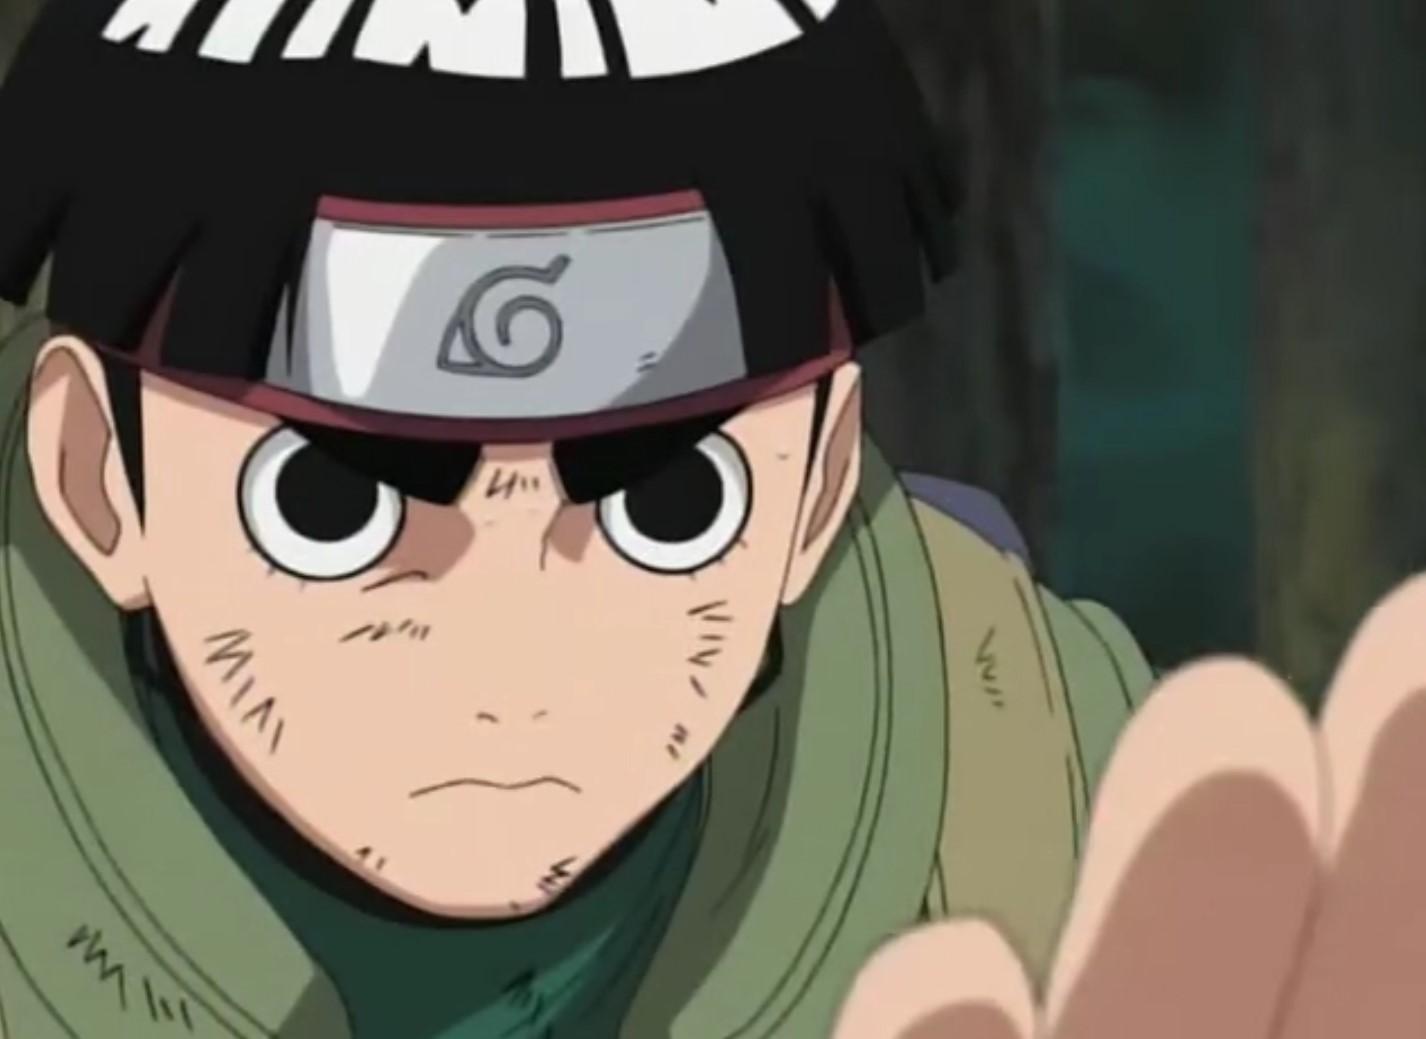 Naruto Shippuden Episódio 28, Assistir Naruto Shippuden Episódio 28, Assistir Naruto Shippuden Todos os Episódios Legendado, Naruto Shippuden episódio 28,HD